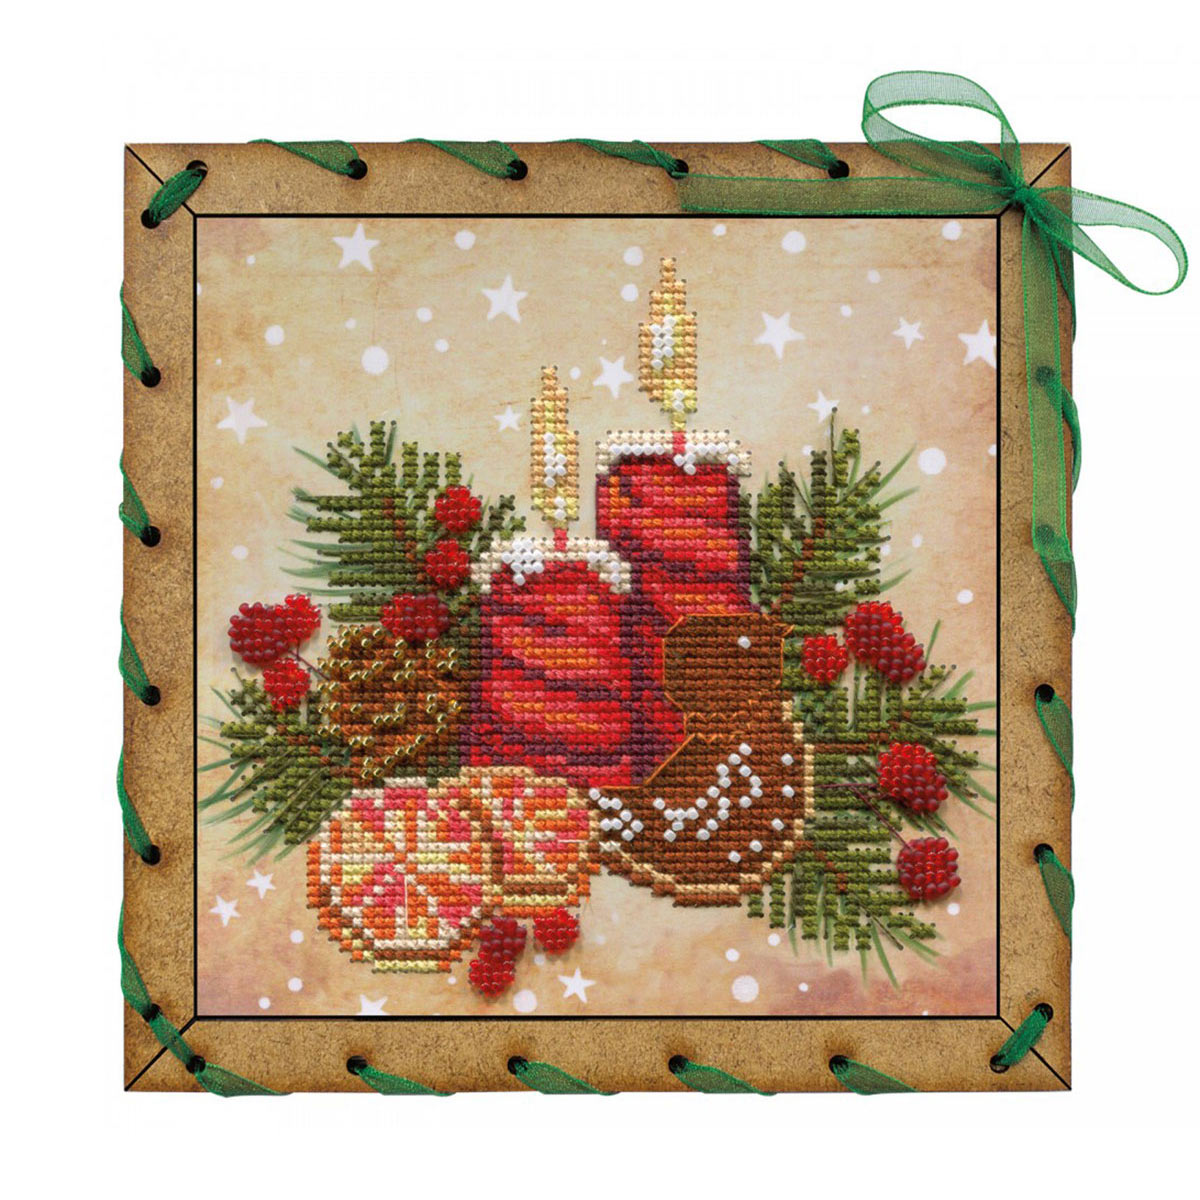 ОР7549 Набор для вышивания нитками 'Аромат рождества'15 x15см